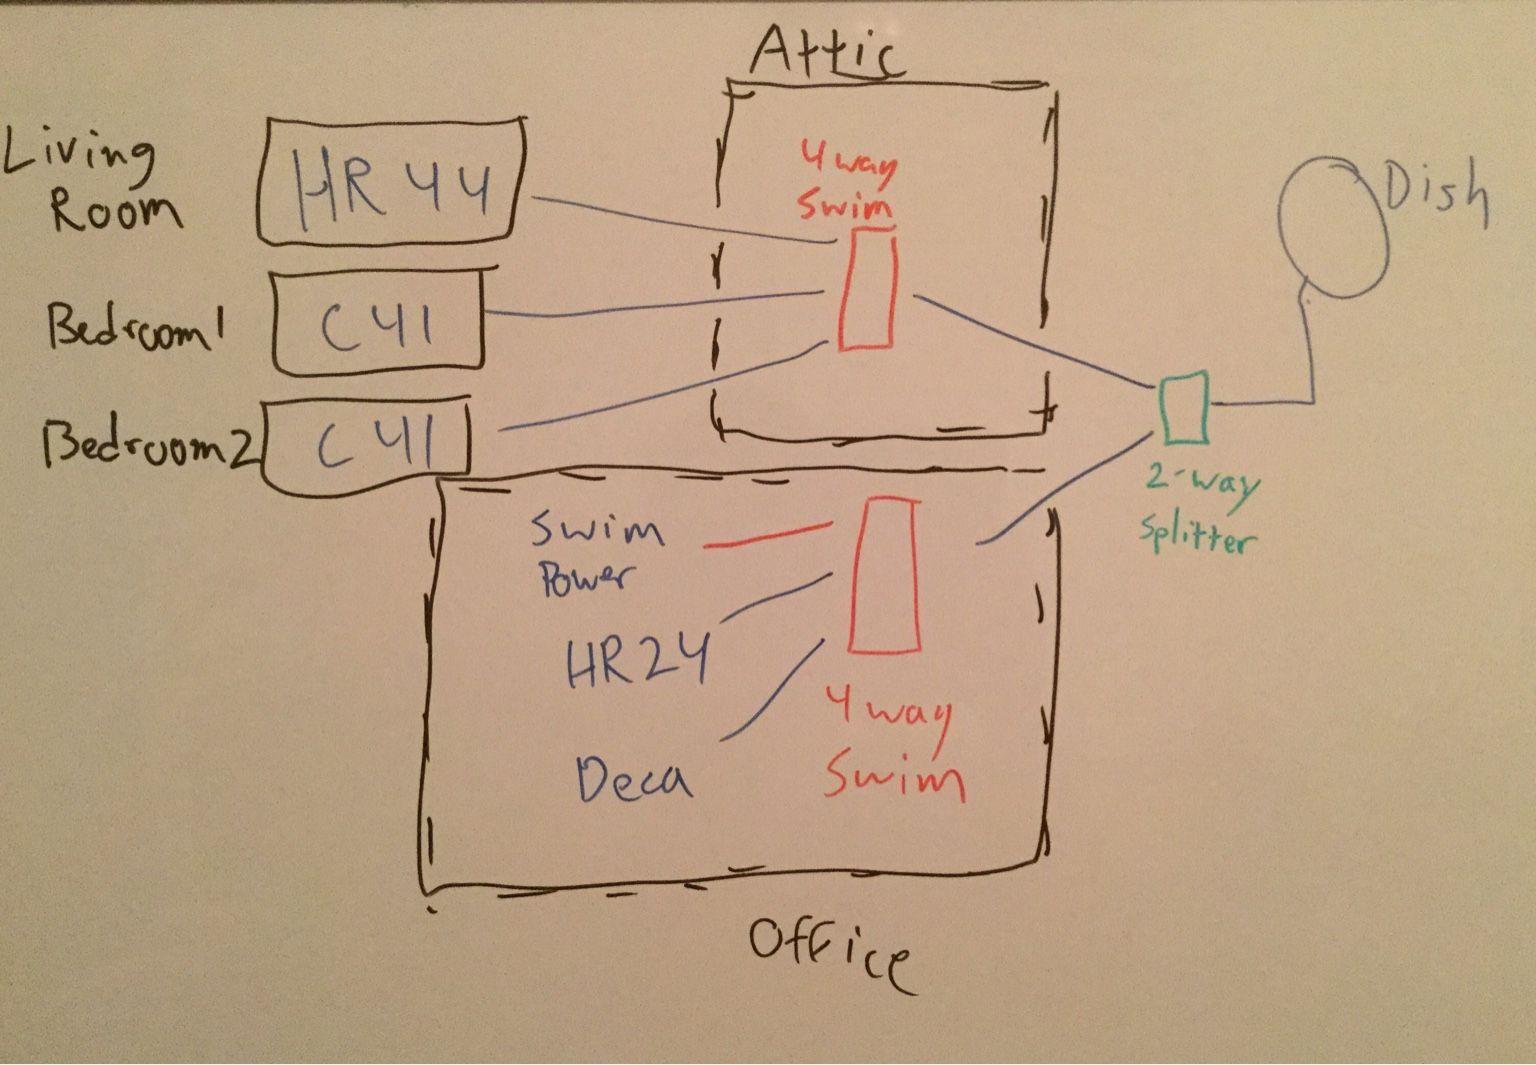 hr44 & hr24 wiring question satelliteguys us hr24-500 wiring diagram at soozxer.org